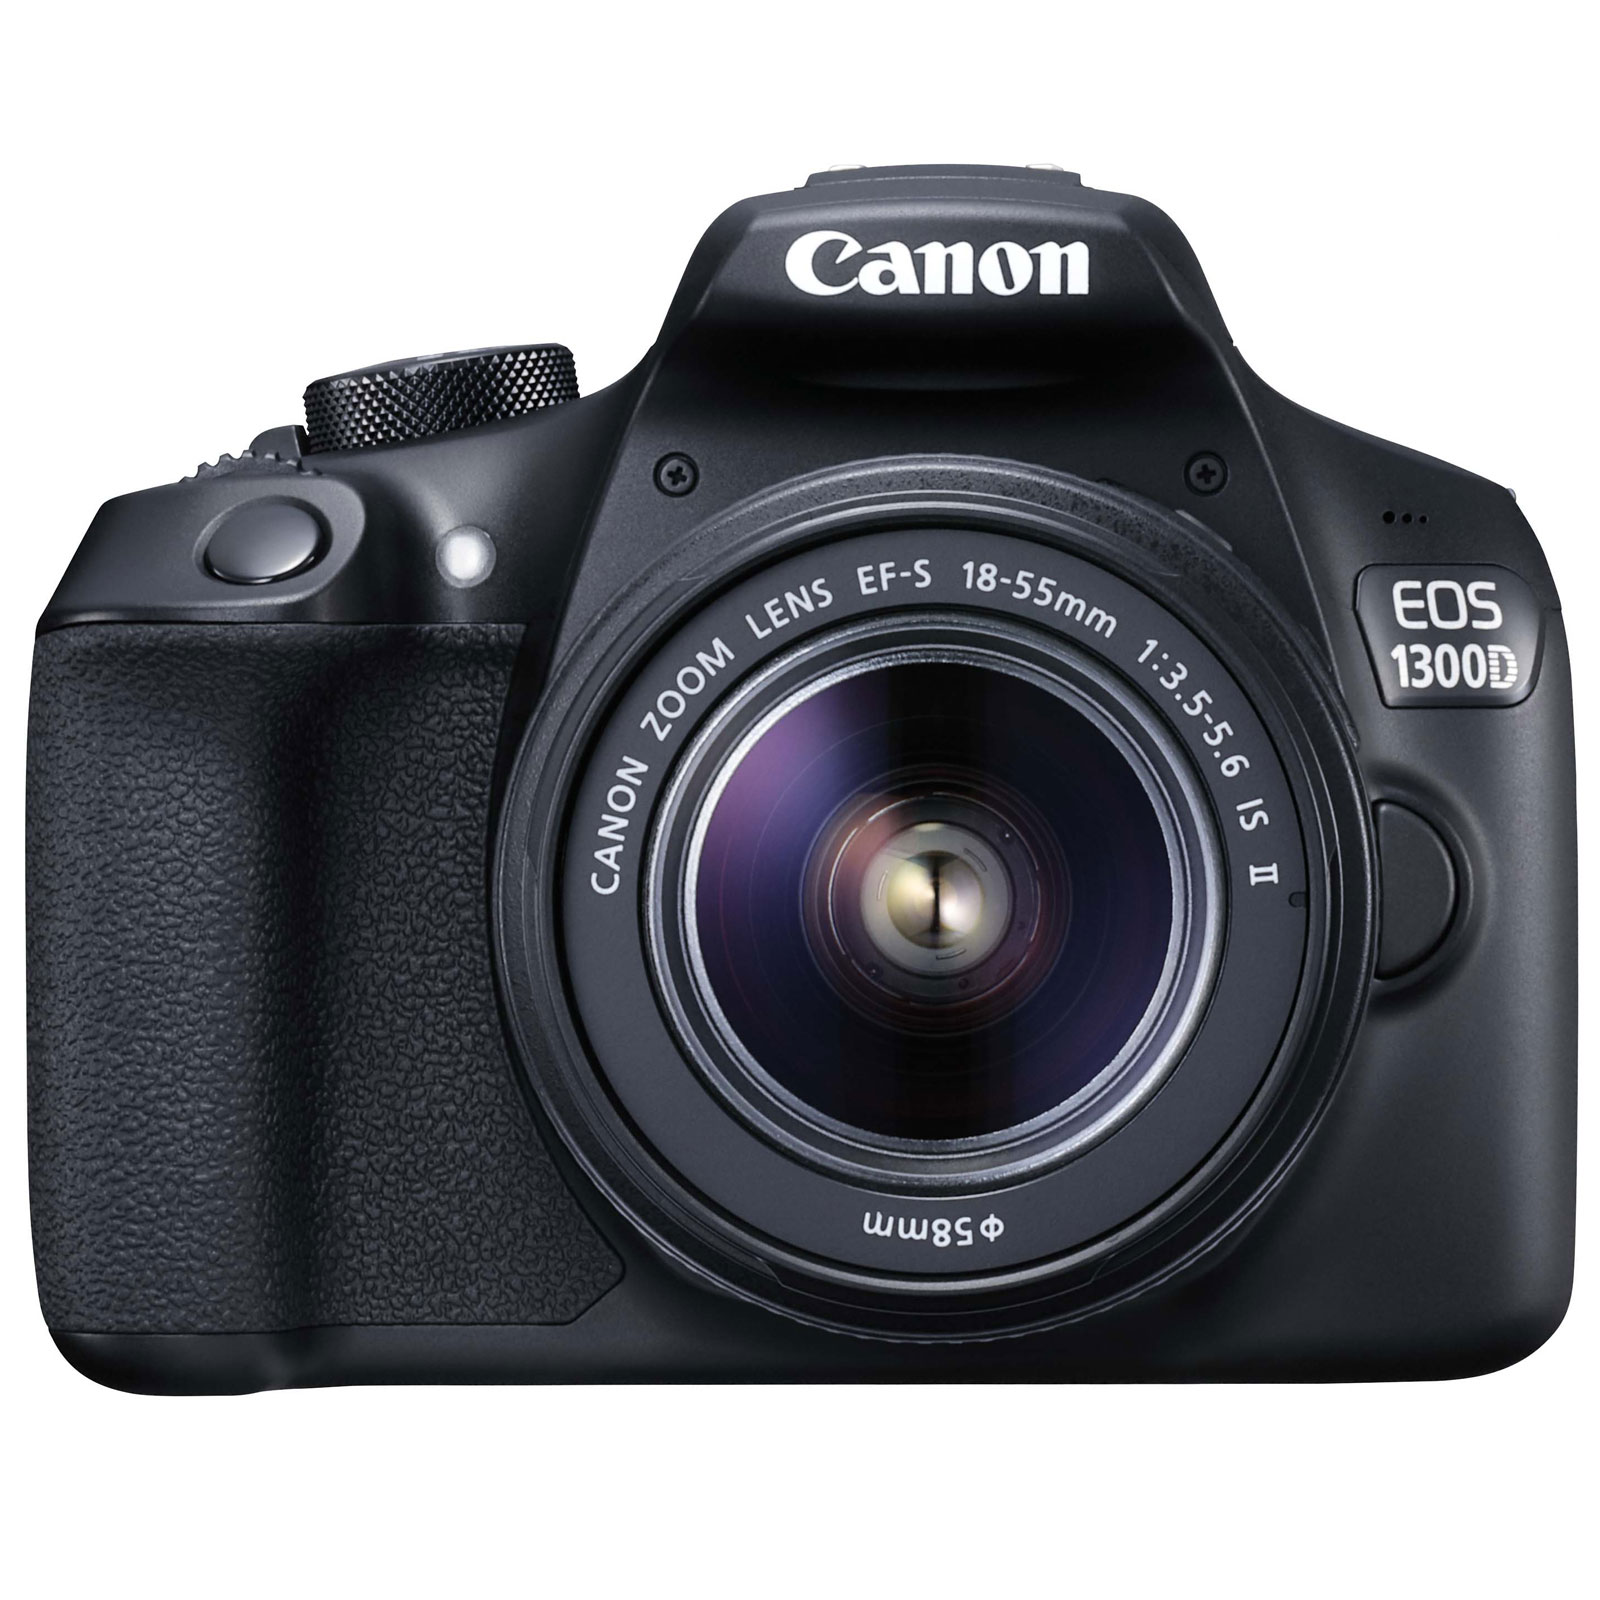 2ff0ad60b7b3af Canon EOS 1300D + EF-S 18-55 mm IS II - Appareil photo Reflex Canon ...